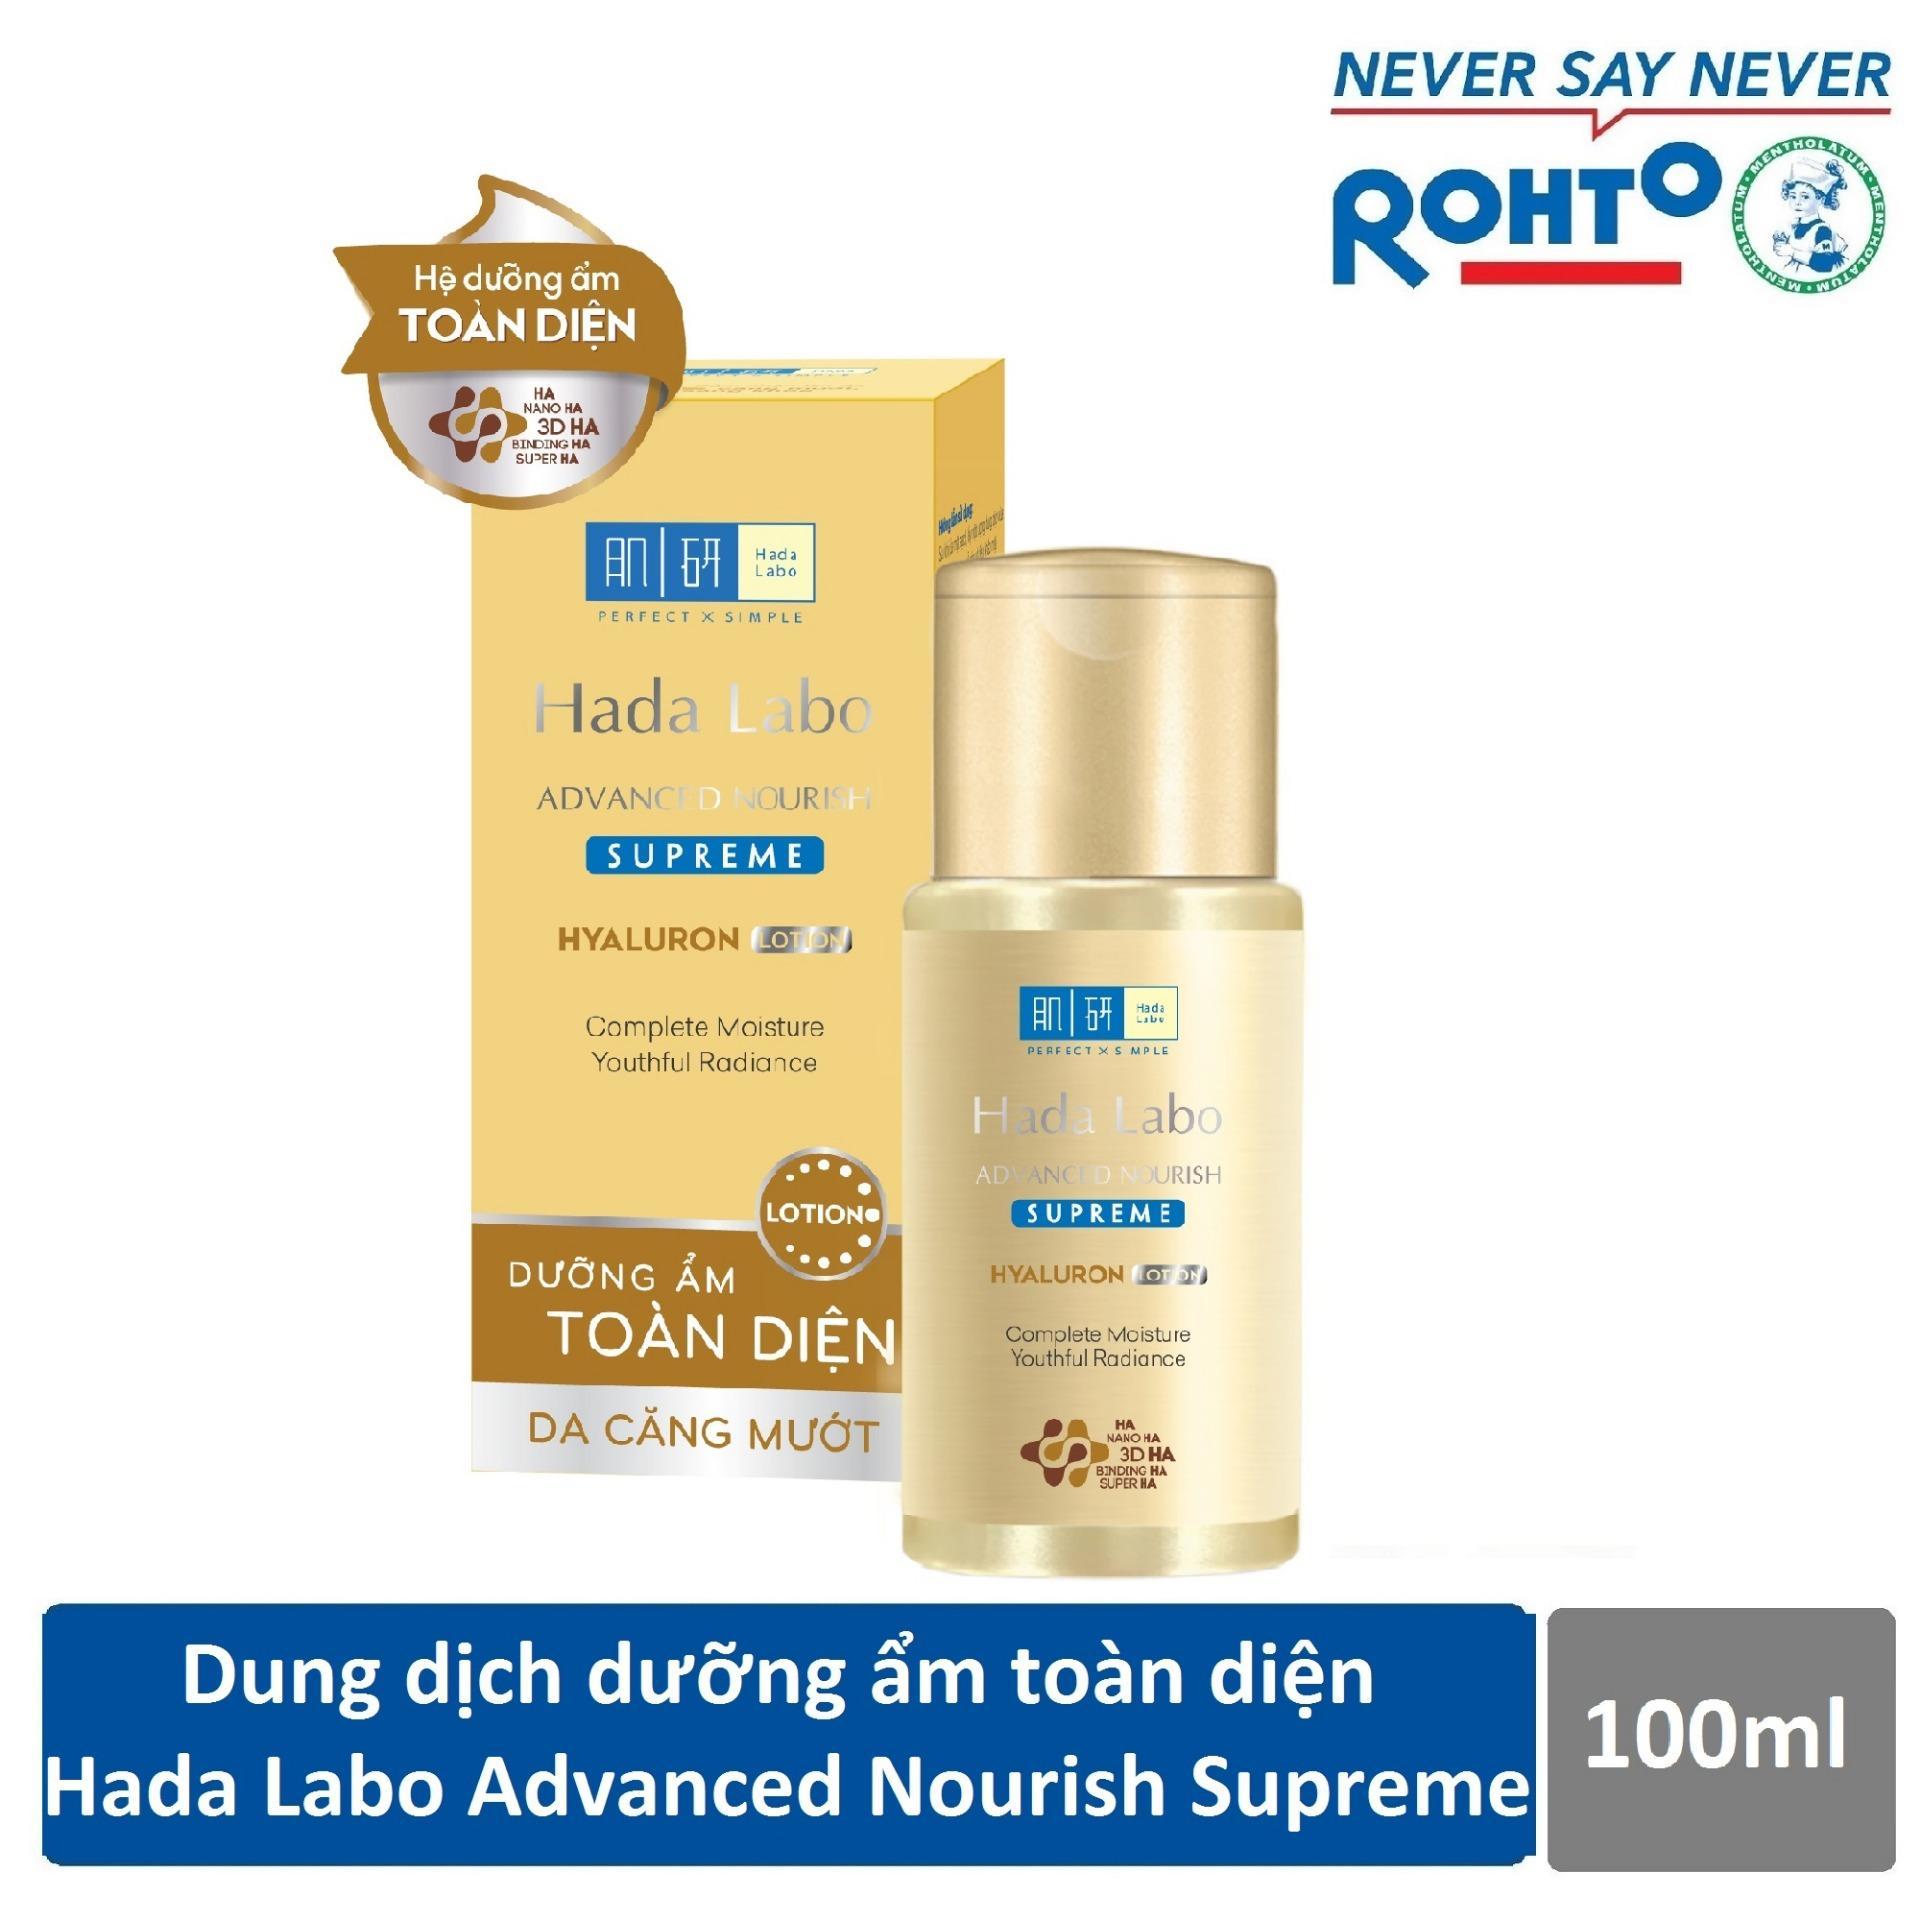 Dung dịch dưỡng ẩm toàn diện Hada Labo Advanced Nourish Supreme Hyaluron Lotion 100ml